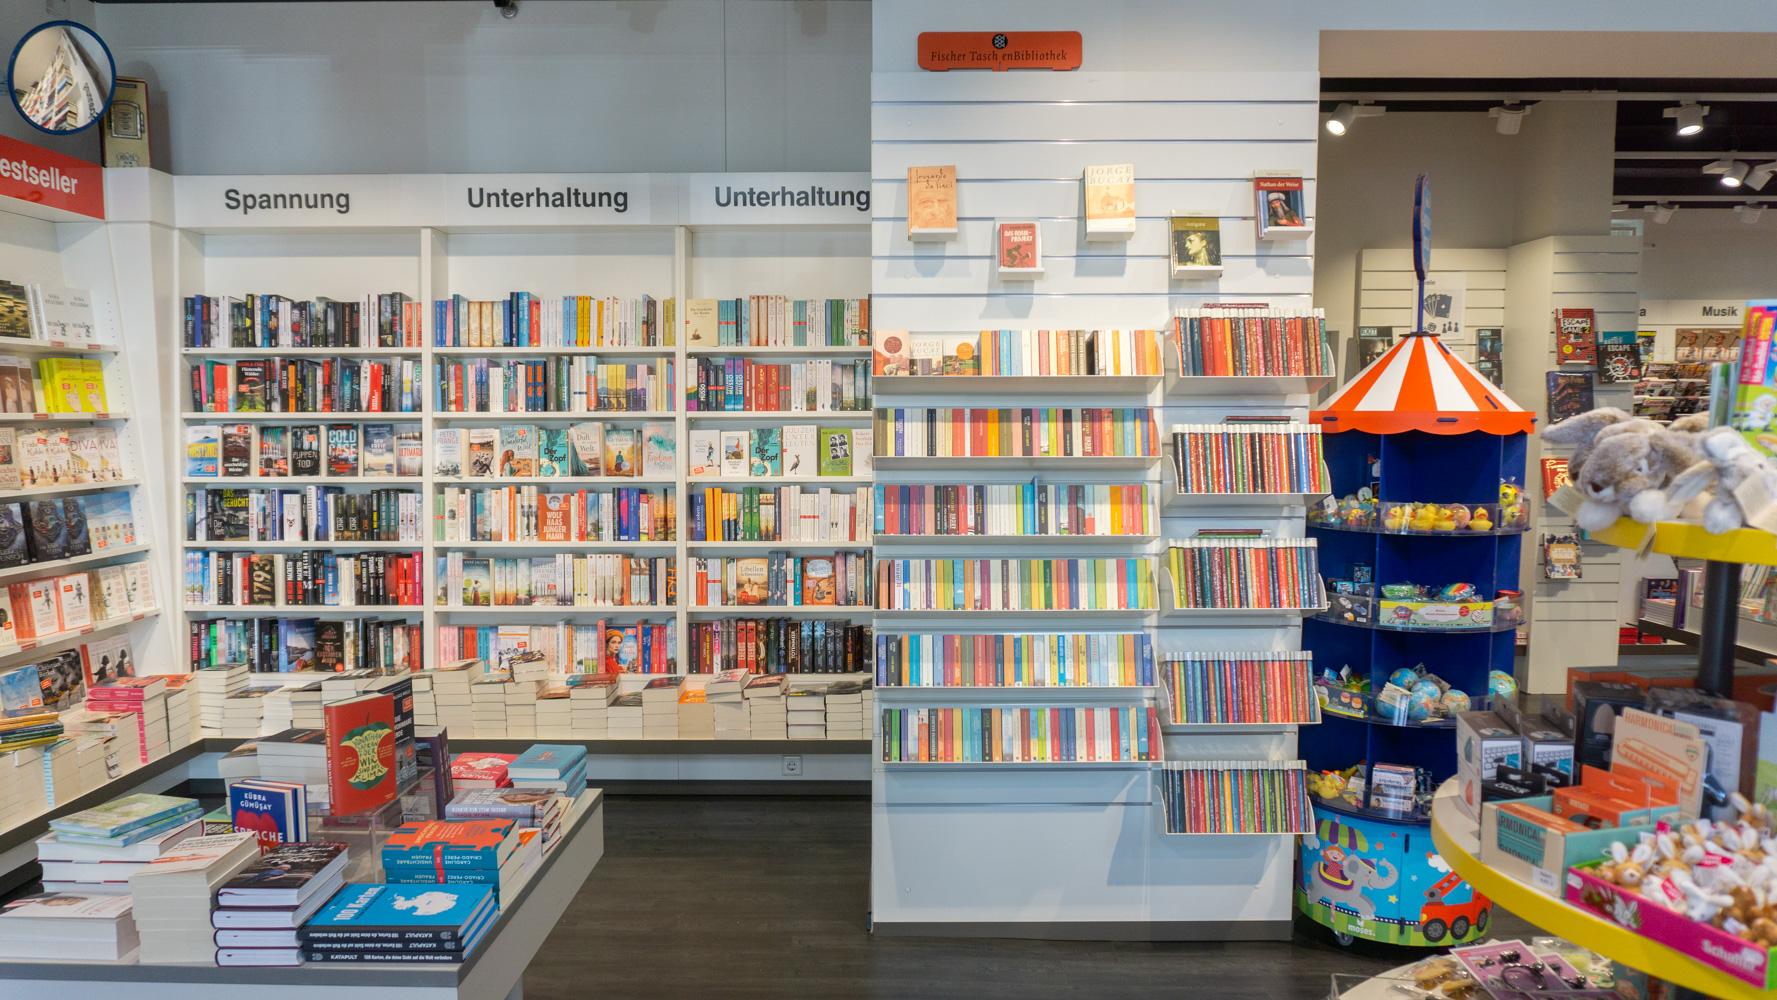 Schmitt & Hahn Buch und Presse im Bahnhof Neustadt/Weinstraße